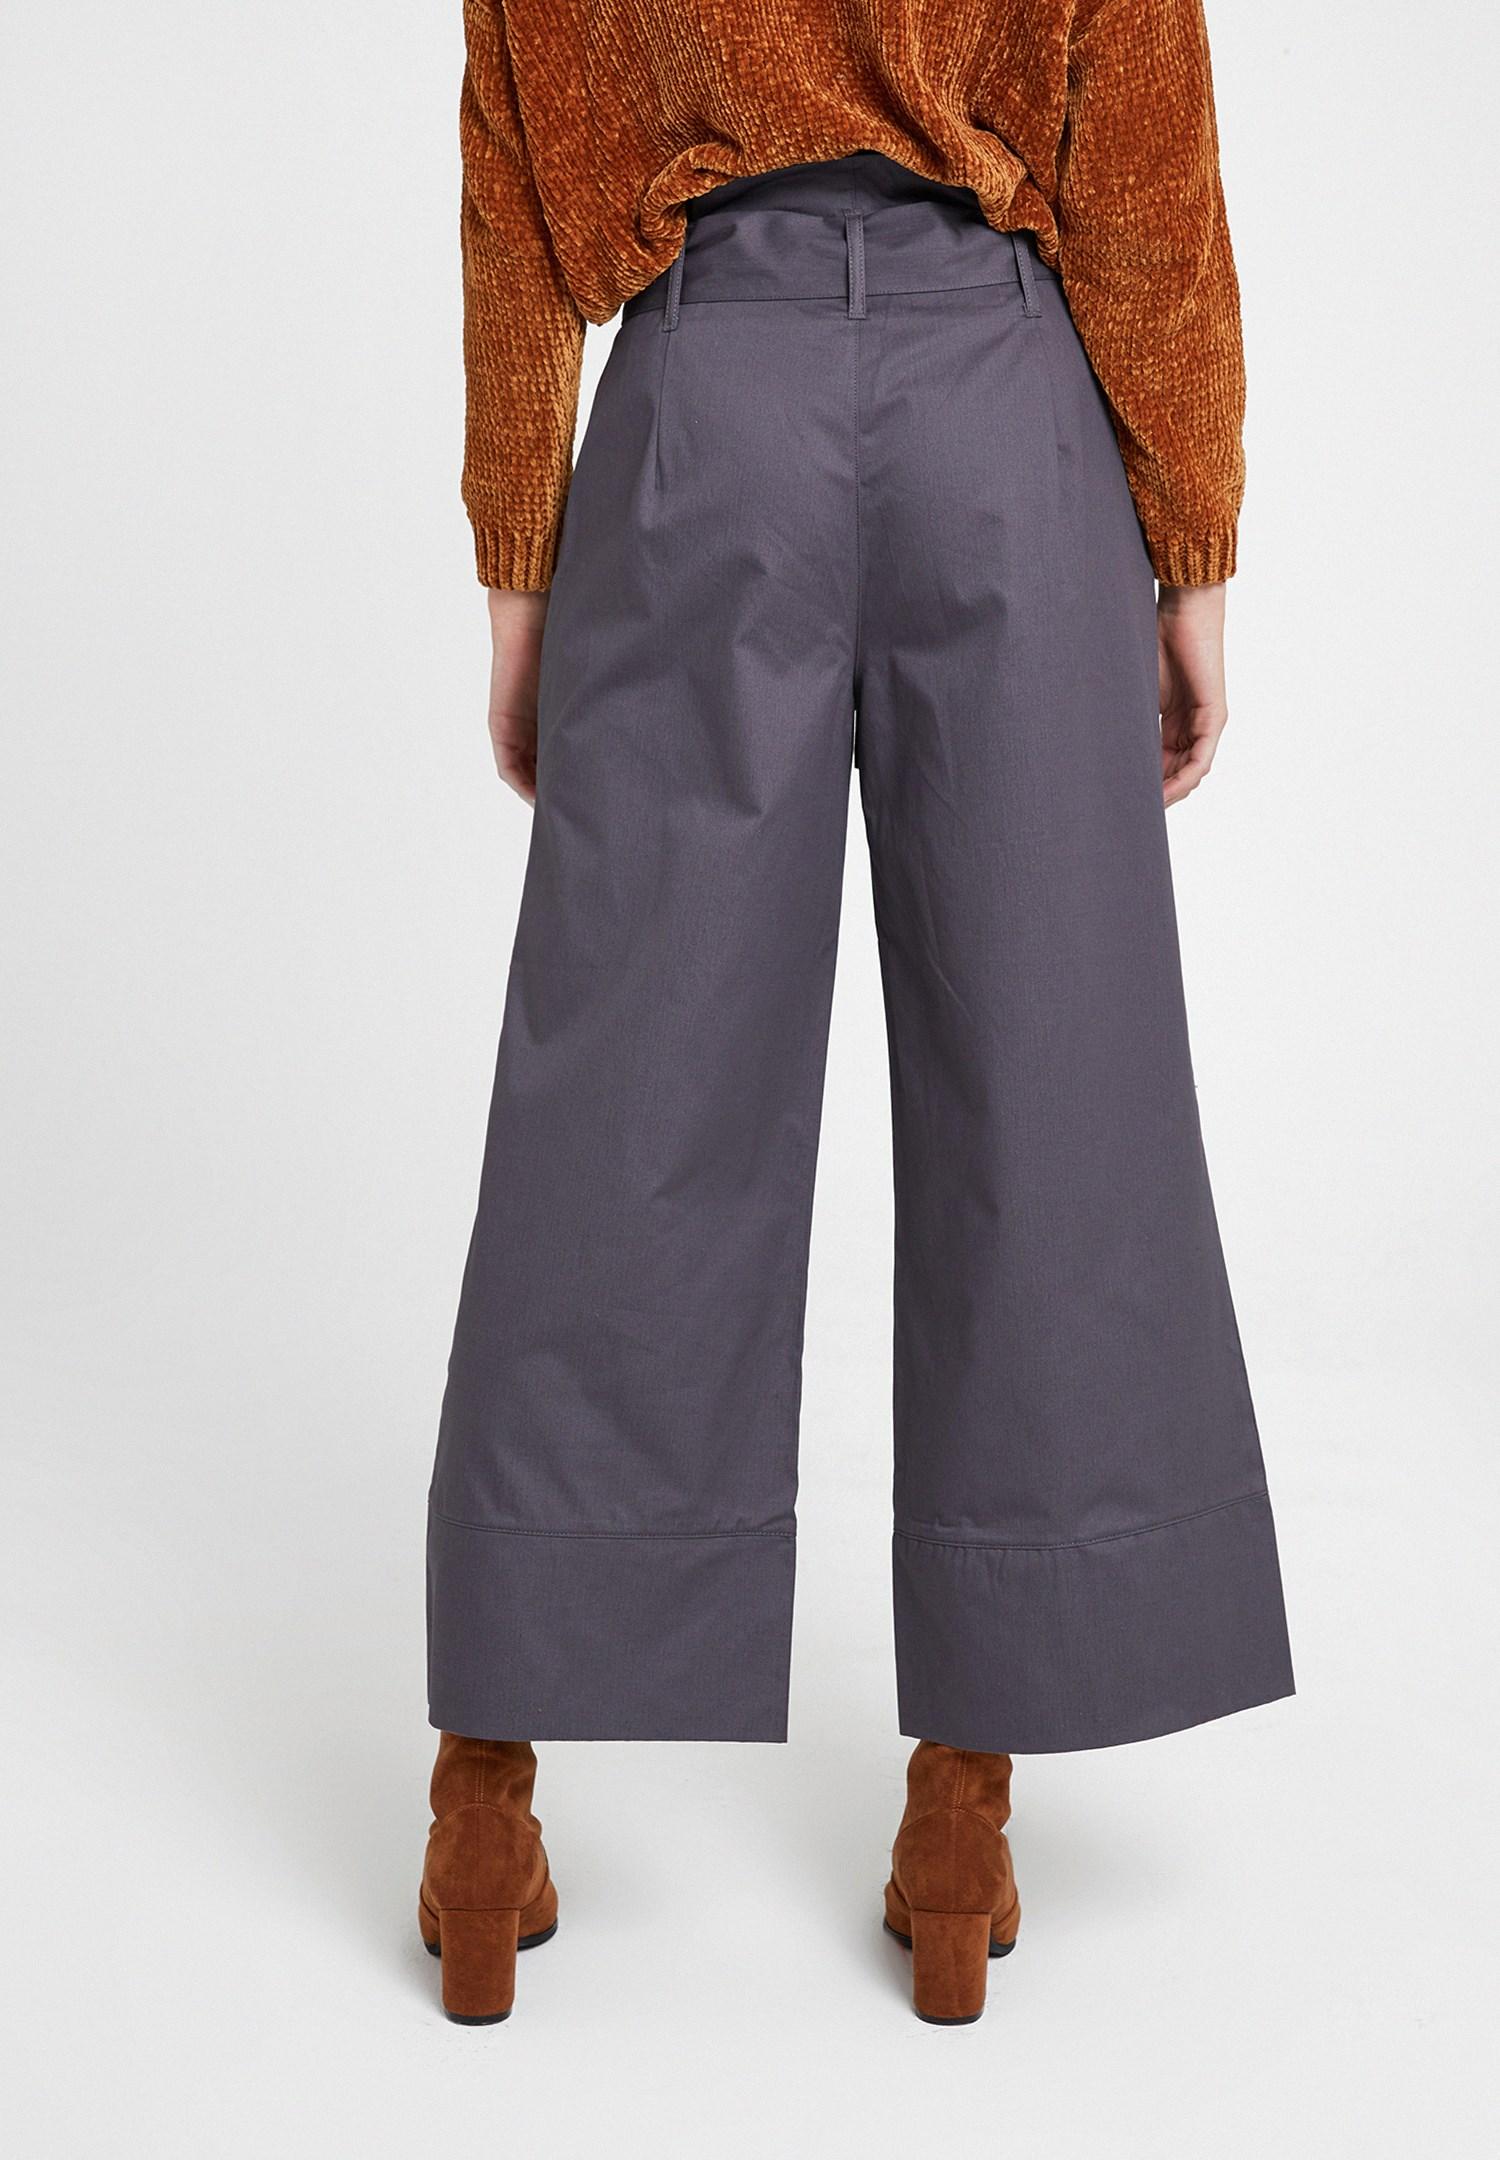 Bayan Gri Beli Bağlamalı Bol Pantolon